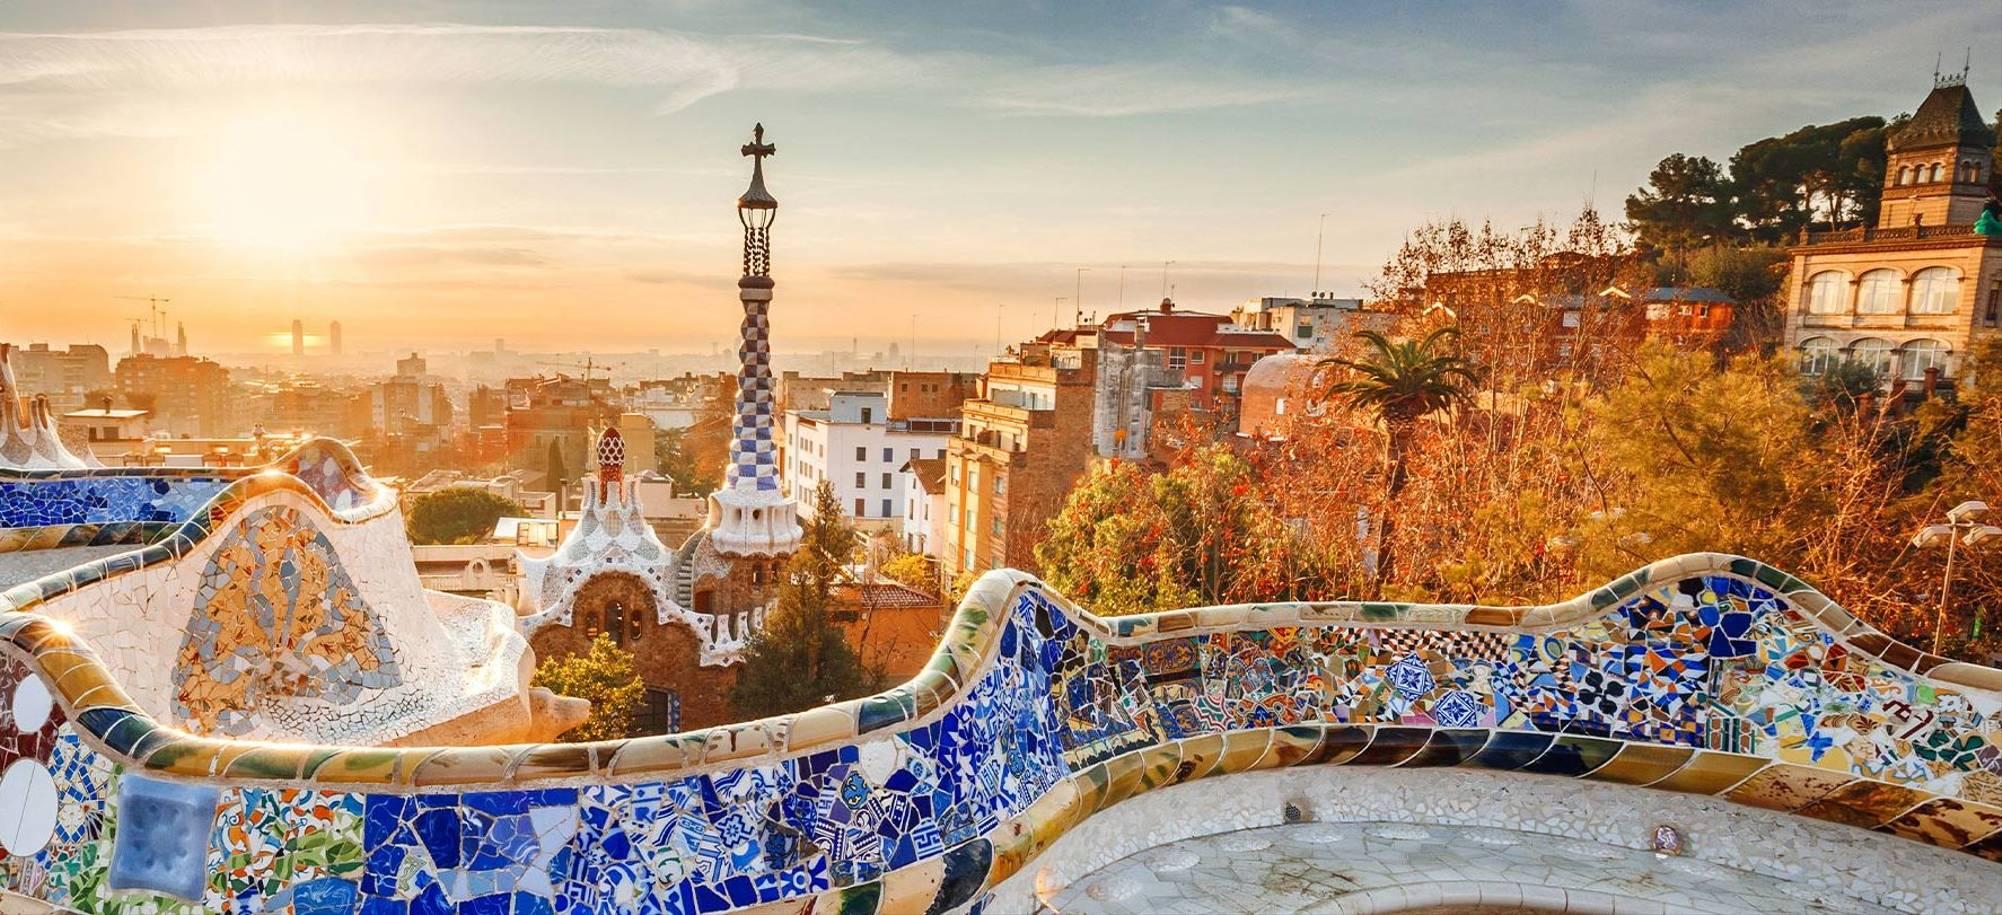 Barcelona,-Spain.jpg